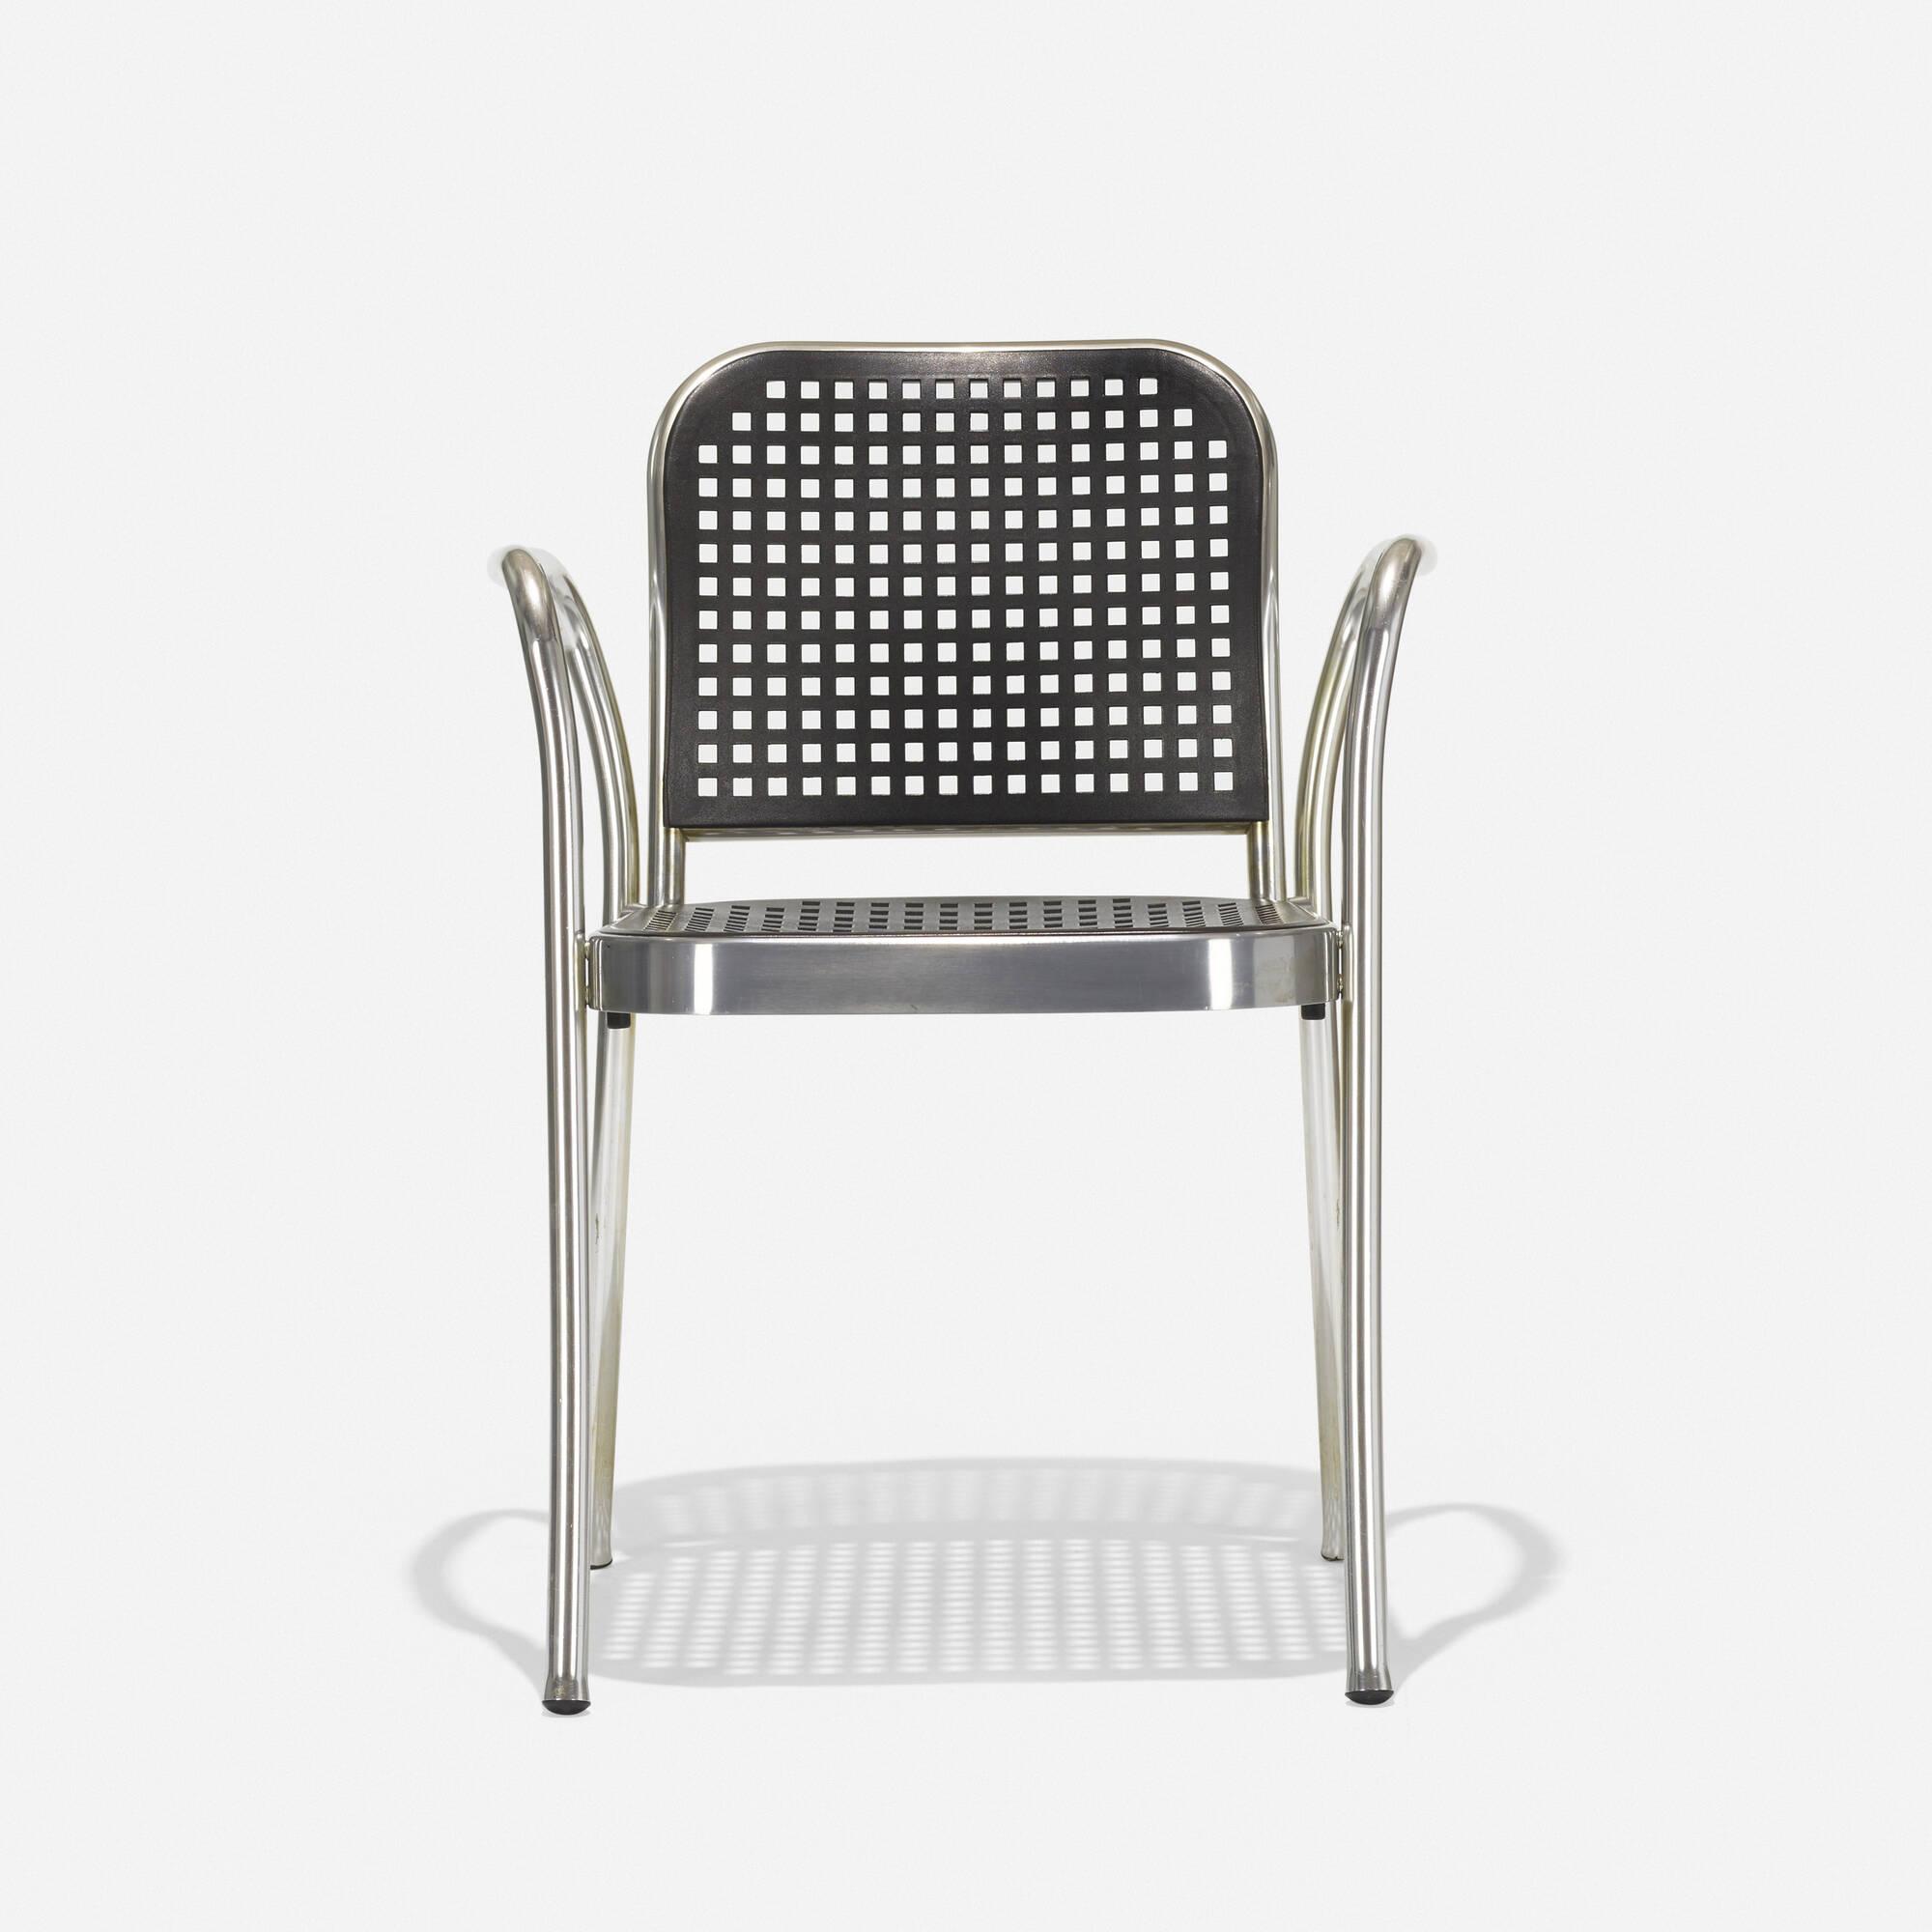 338: Vico Magistretti / Silver chair (2 of 3)